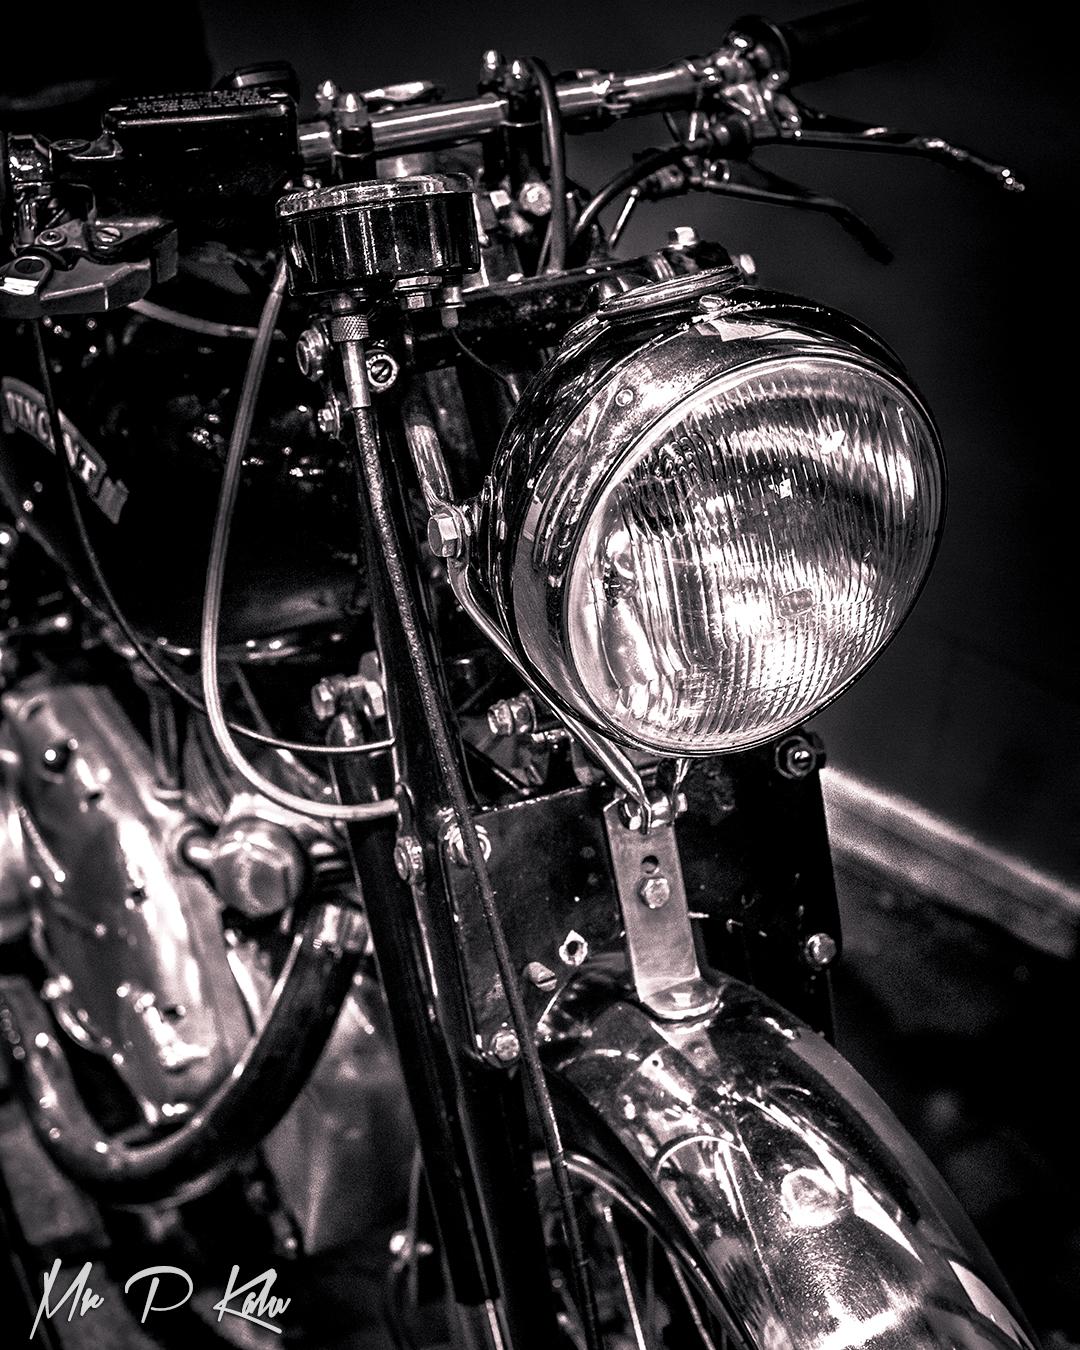 Vincent motorbike image by mrpkalu